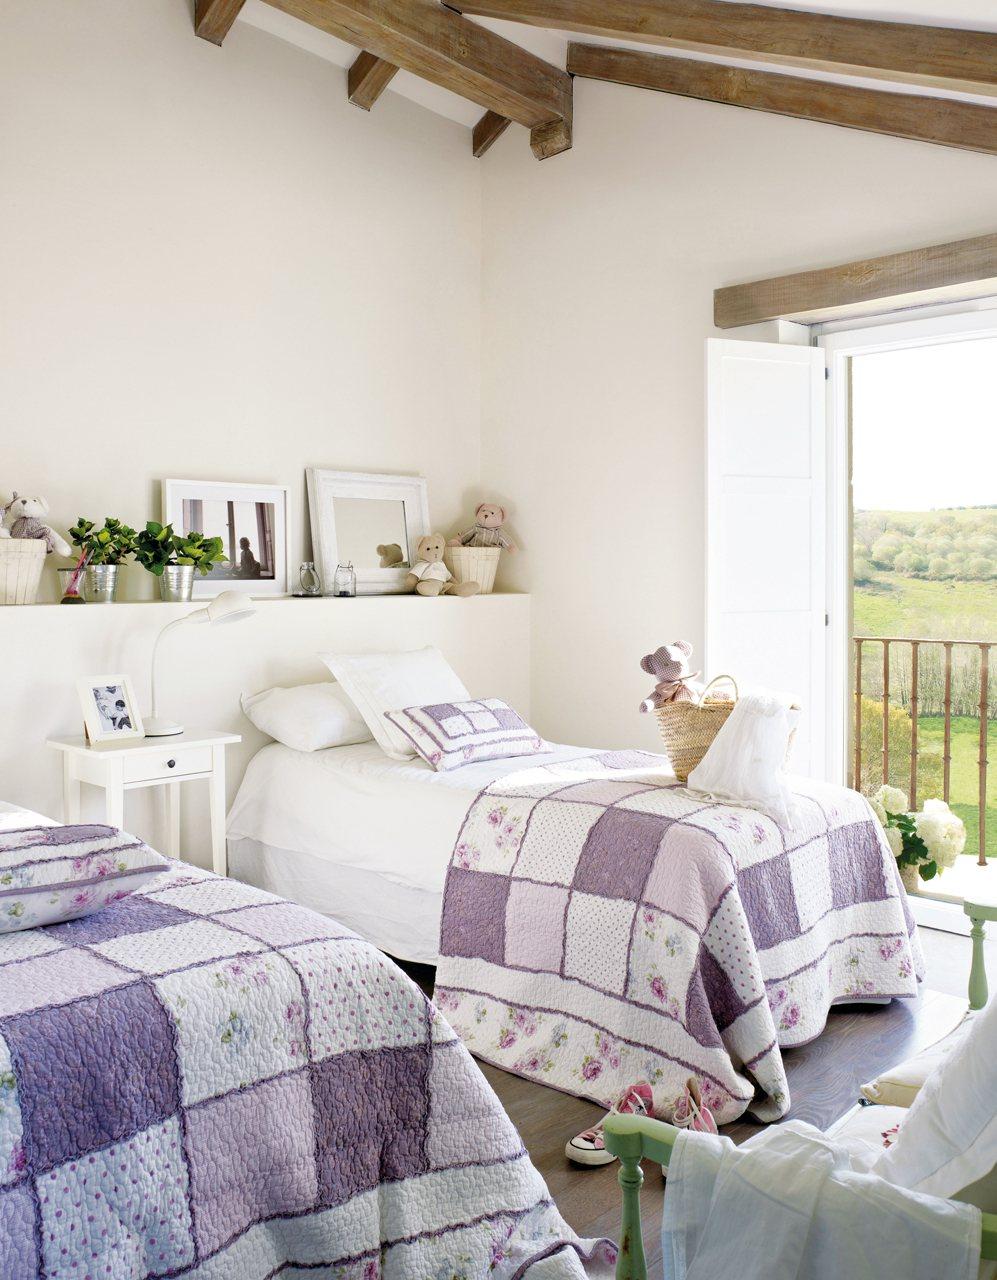 Dormitorios infantiles peque os con dos camas - Camas dormitorios infantiles ...